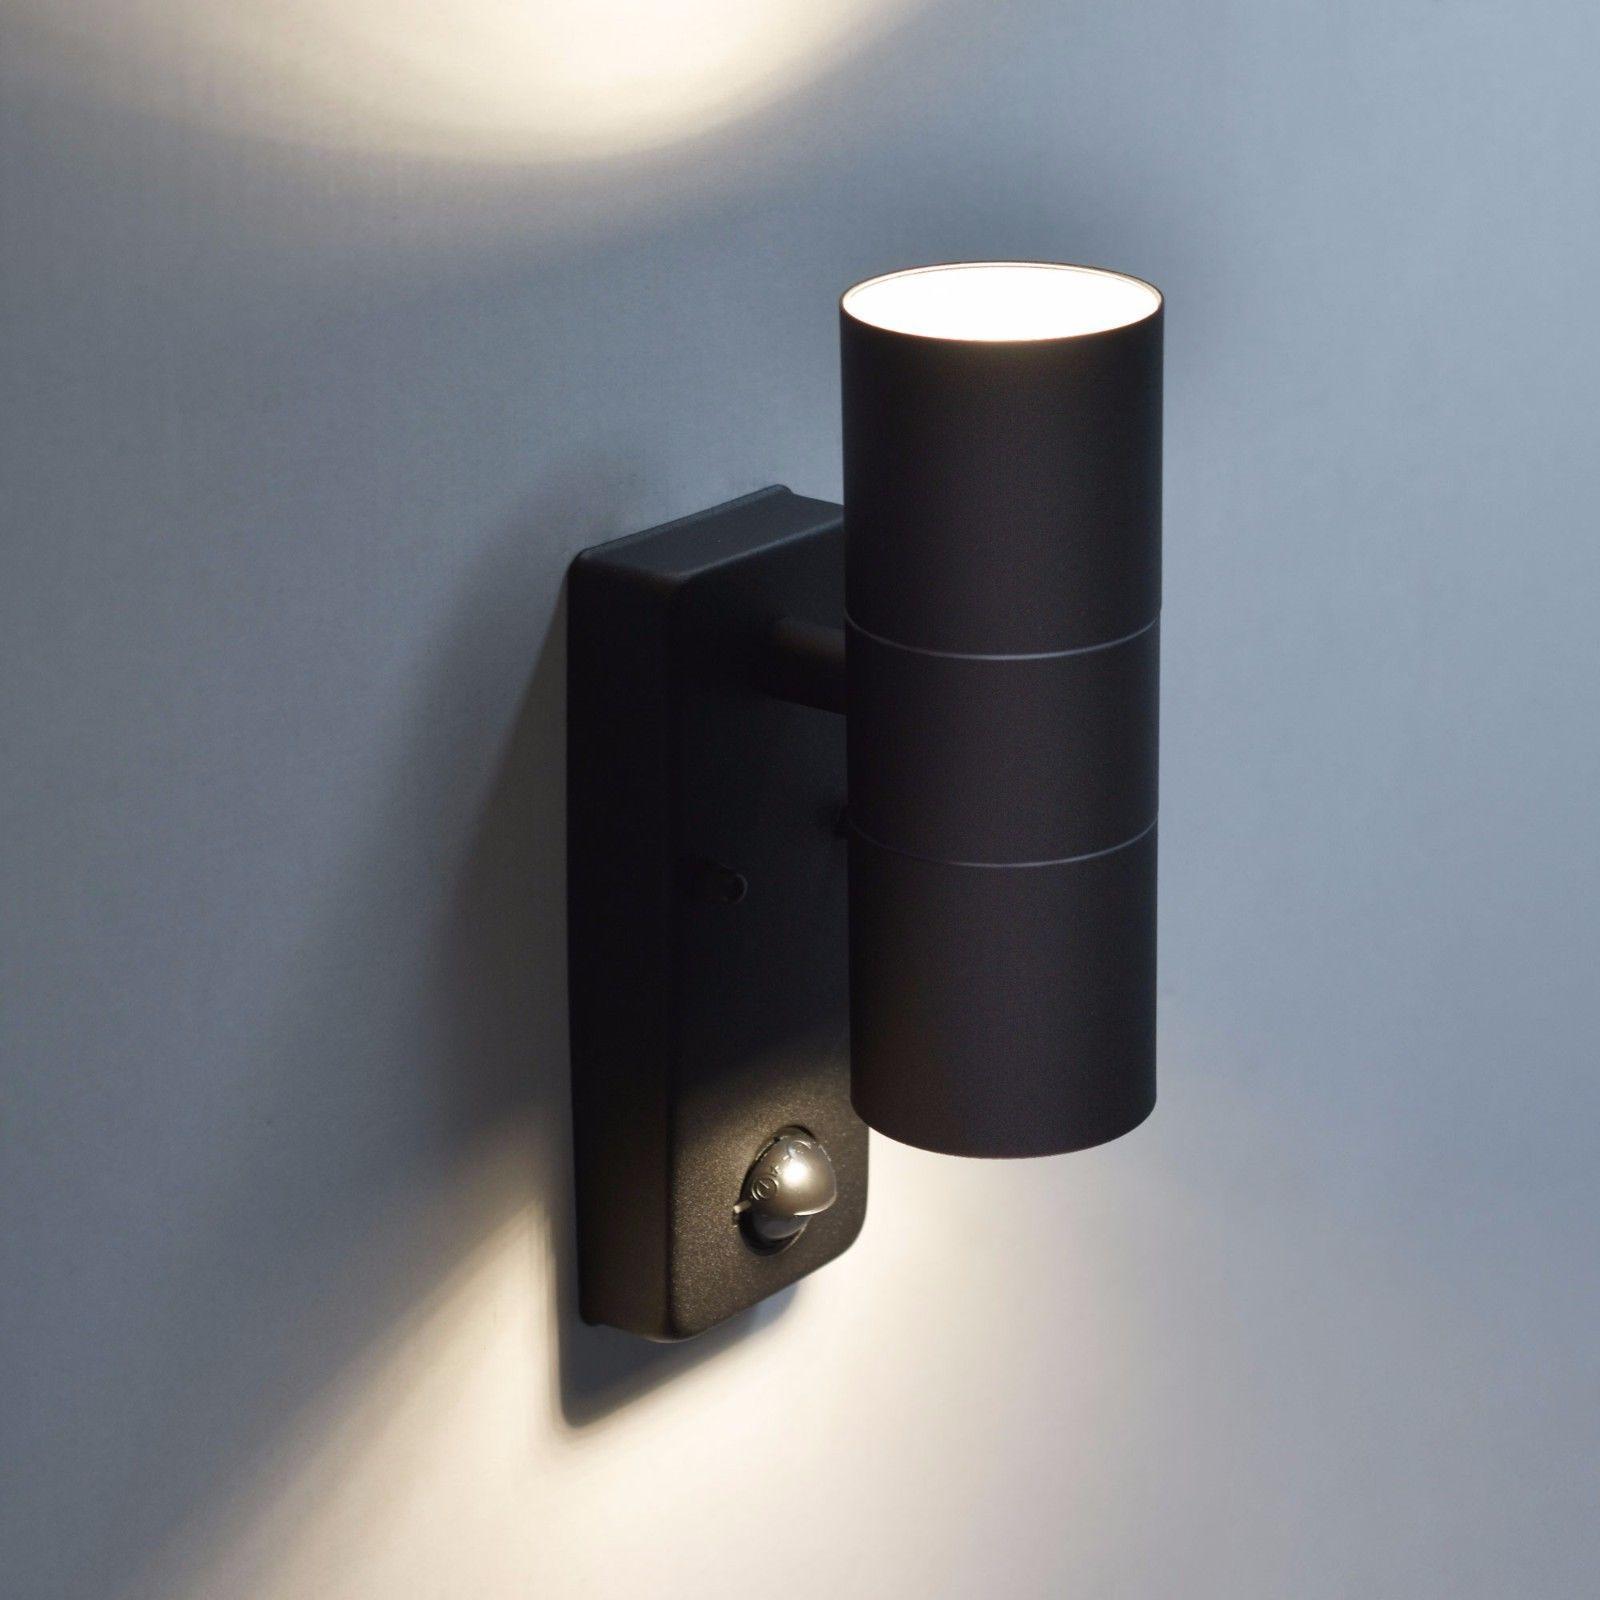 auenlampe mit hausnummer top ein echtes talent ist die auenlampe marvel sie verfgt ber einen. Black Bedroom Furniture Sets. Home Design Ideas